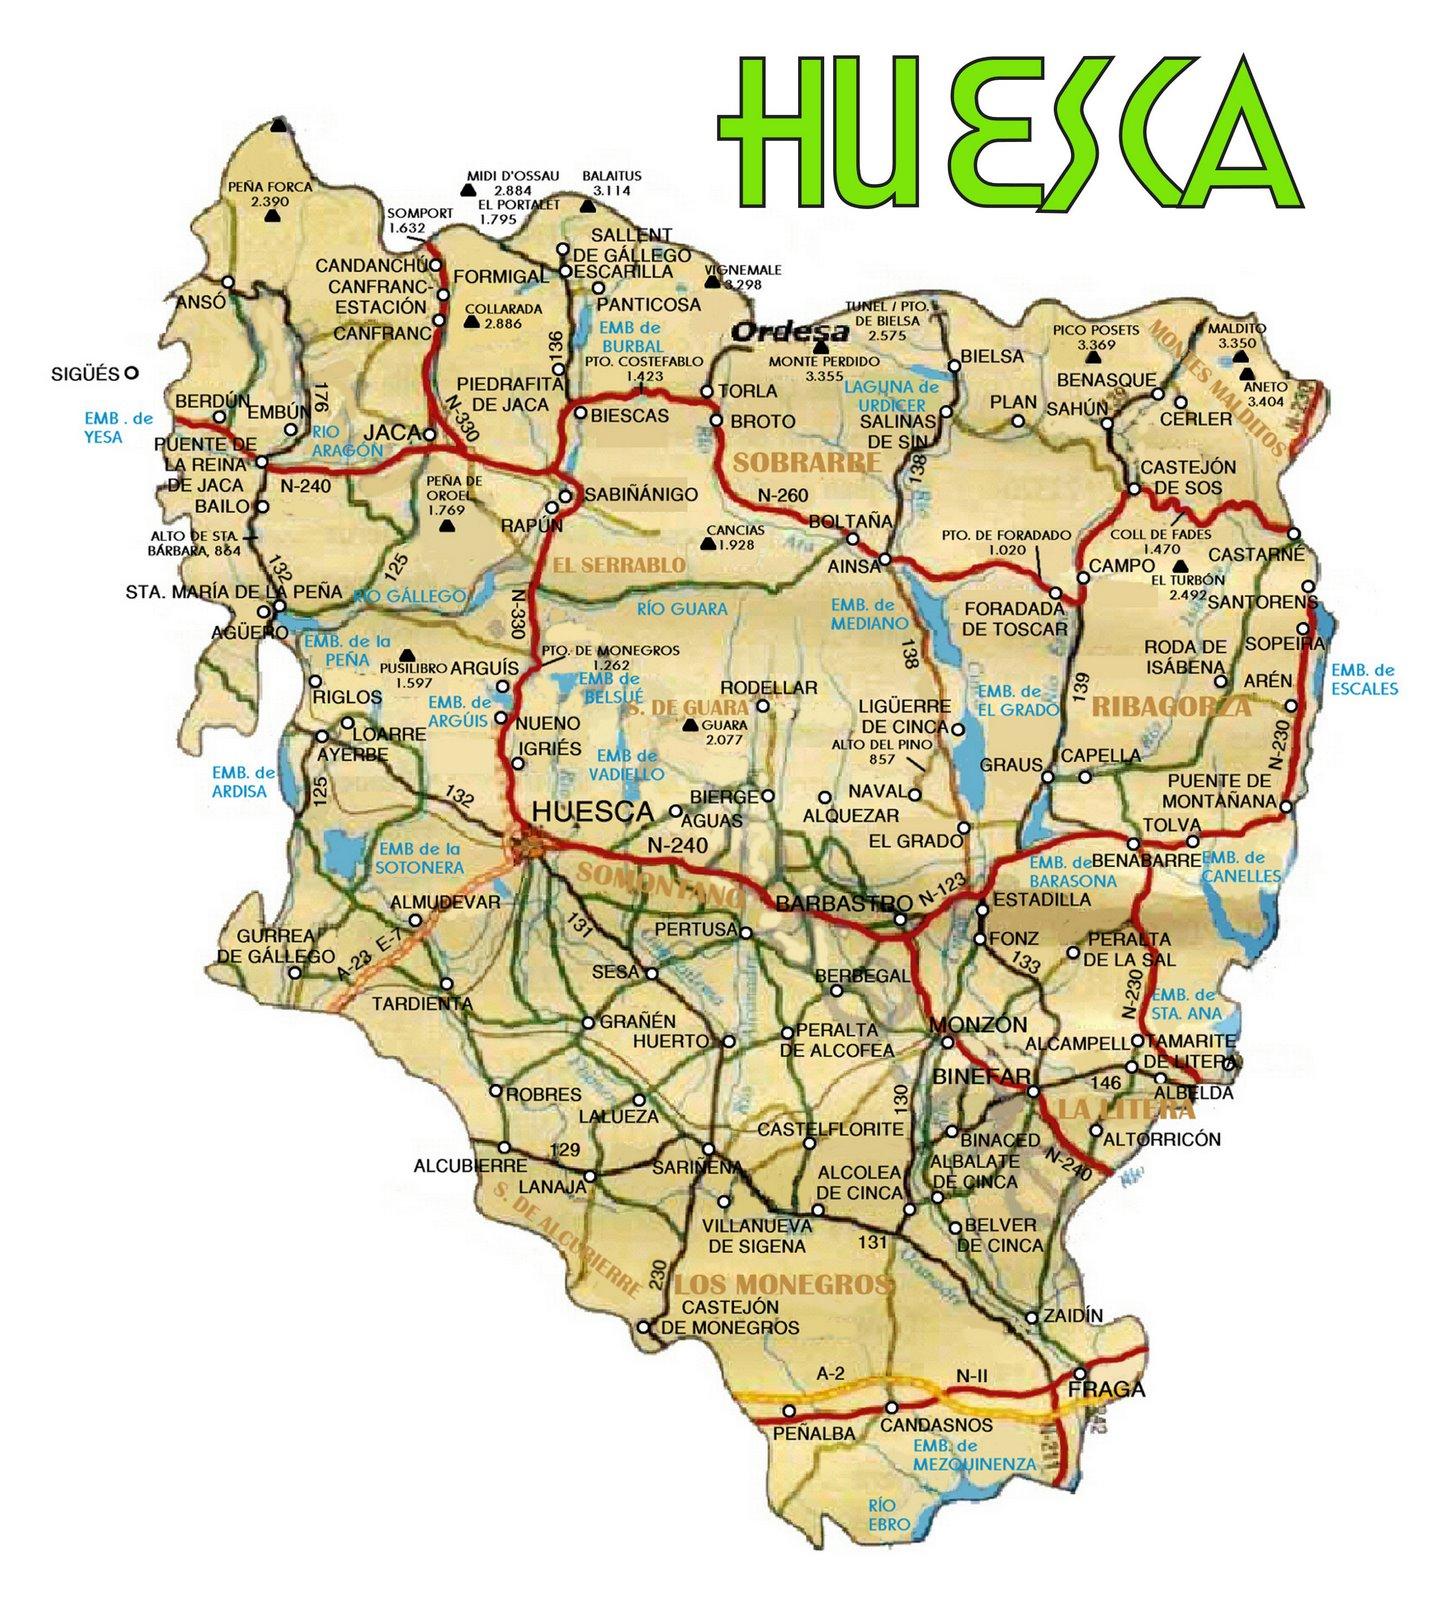 Mapa de carreteras de la Provincia de Huesca